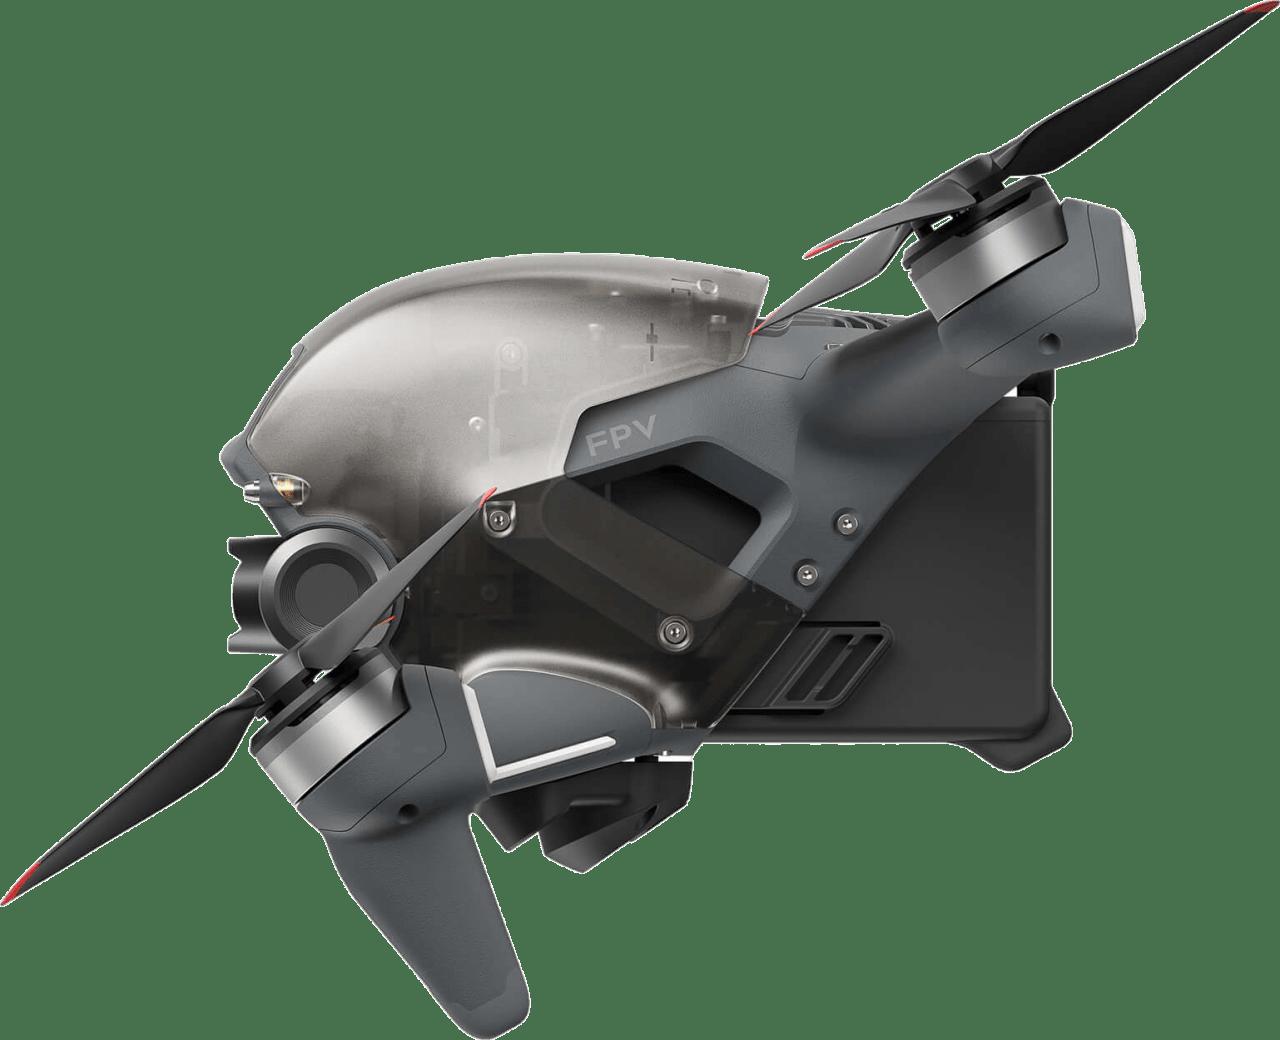 Grey DJI FPV Combo Drone.3